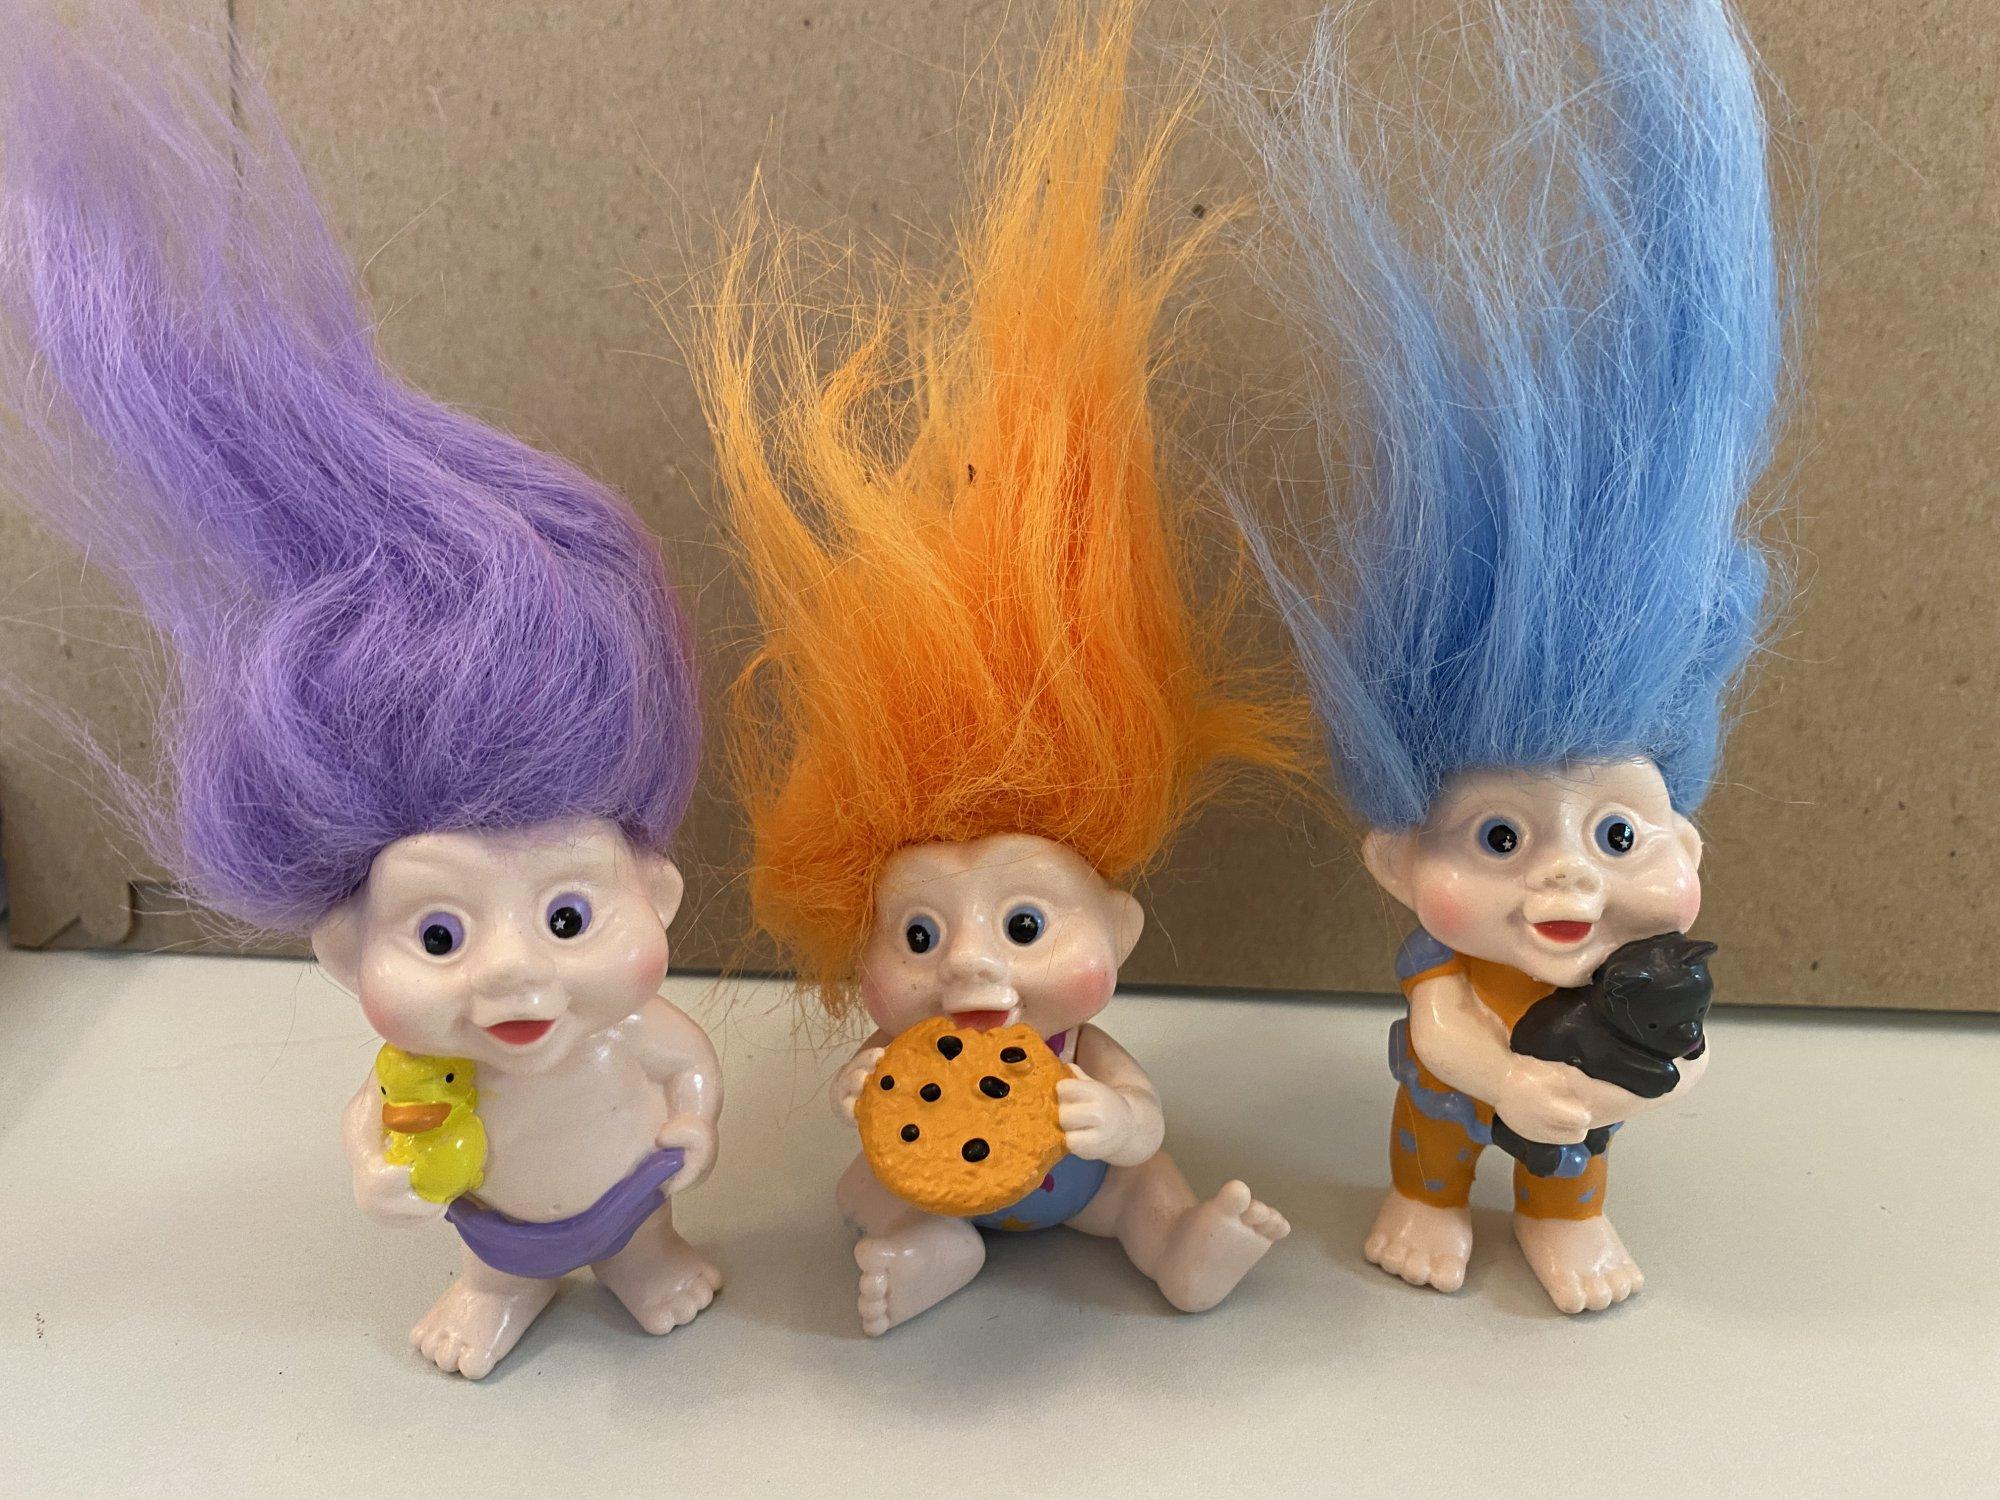 3pc Vintage Trolls Figurines cake kit 2 5 1/2 Tall